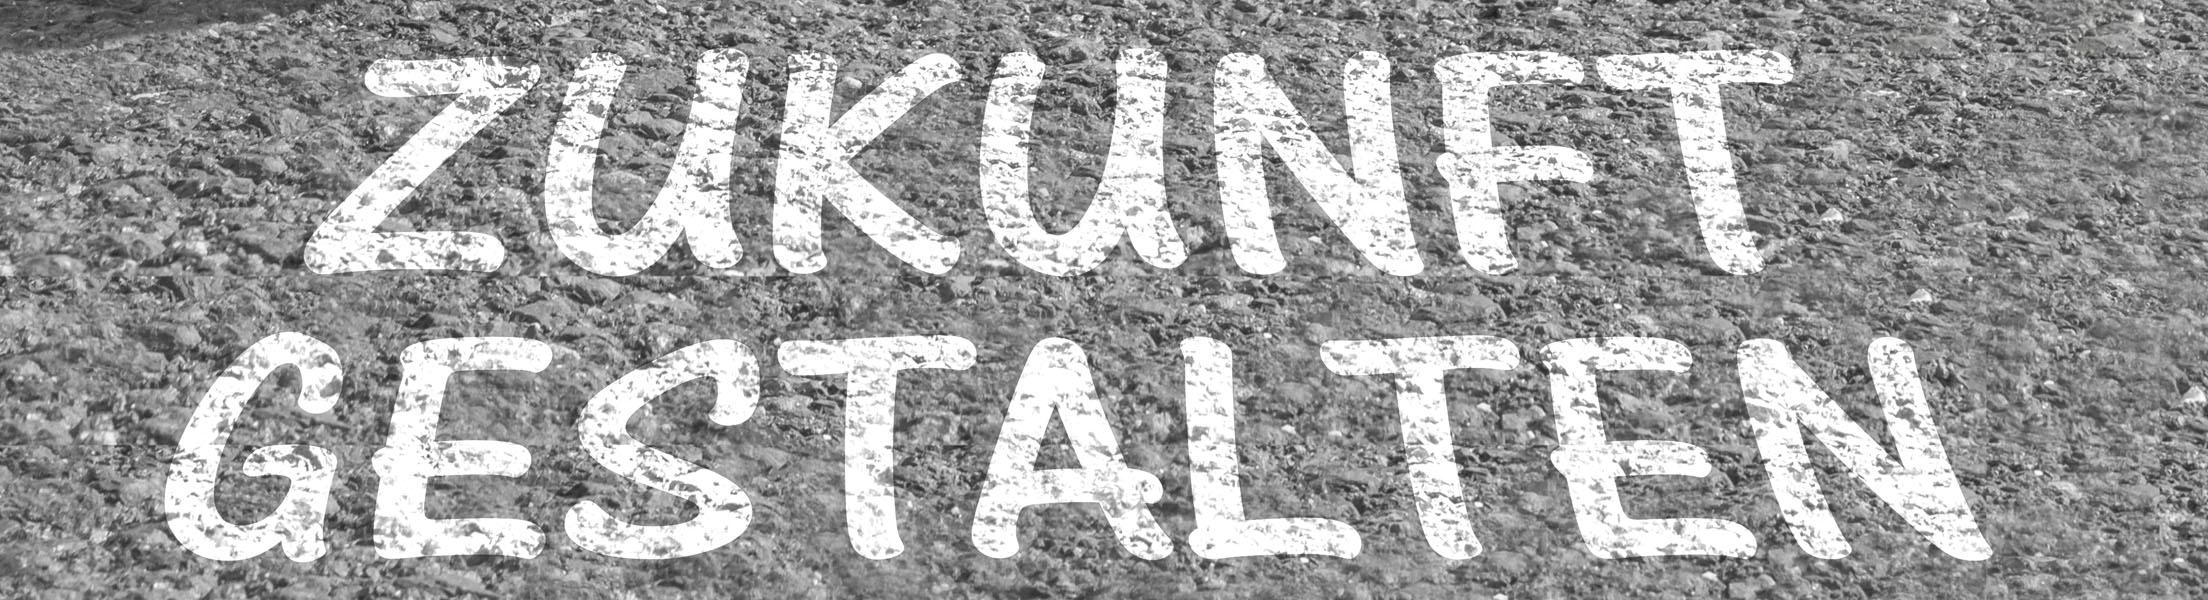 """Straße, auf der geschrieben steht: """"Zukunfts gestalten"""""""